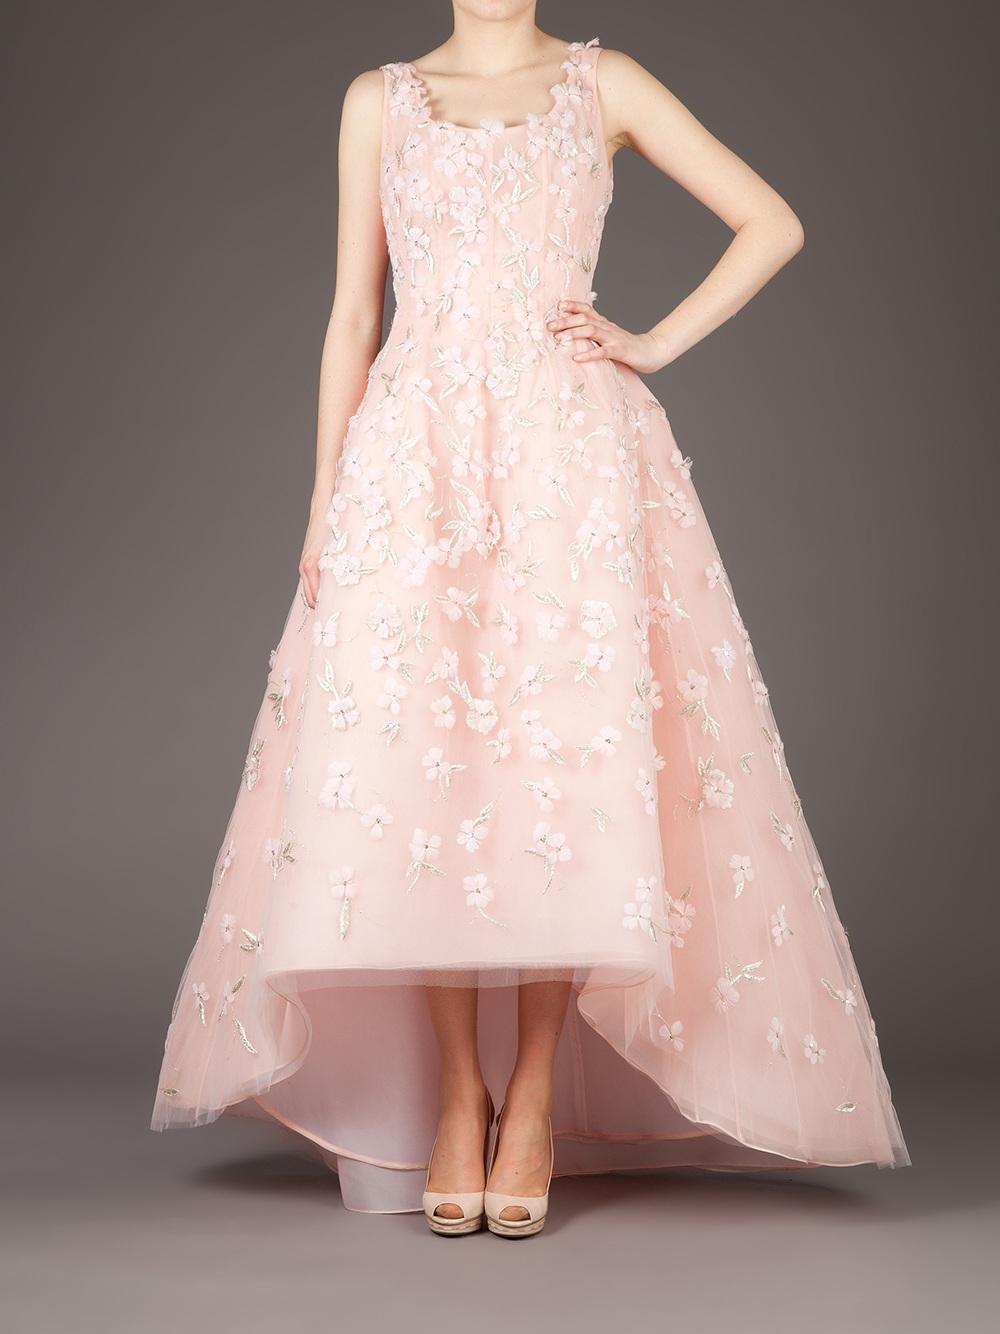 Lyst - Oscar De La Renta Floral Embellished Evening Gown in Pink